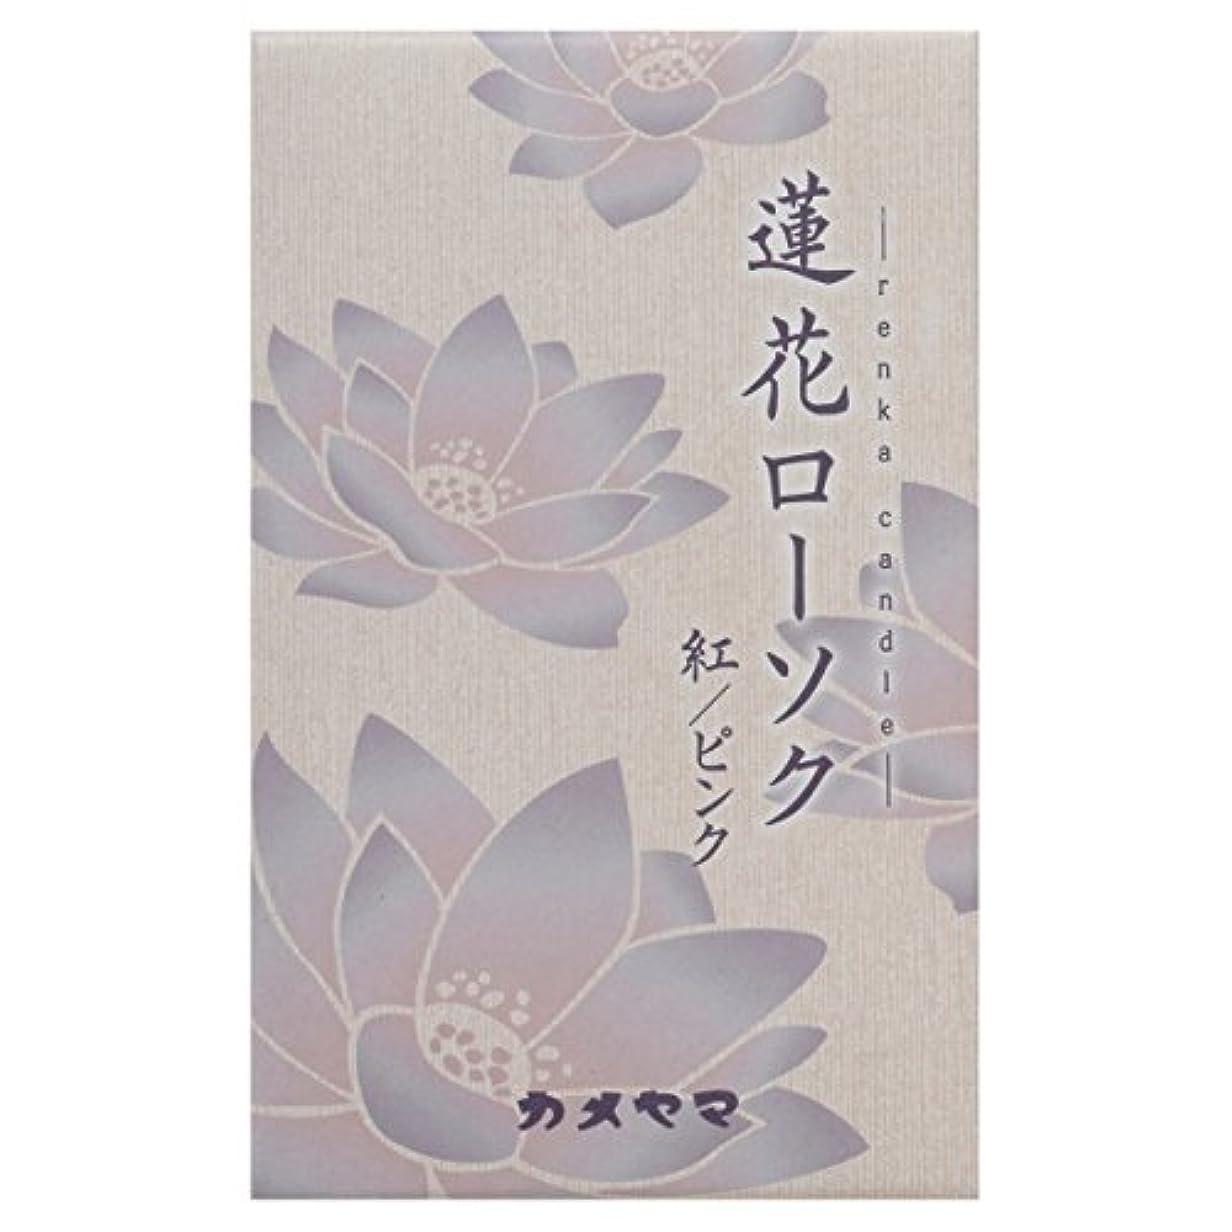 アボート毒性主権者カメヤマ 5インチ蓮花 紅、ピンク